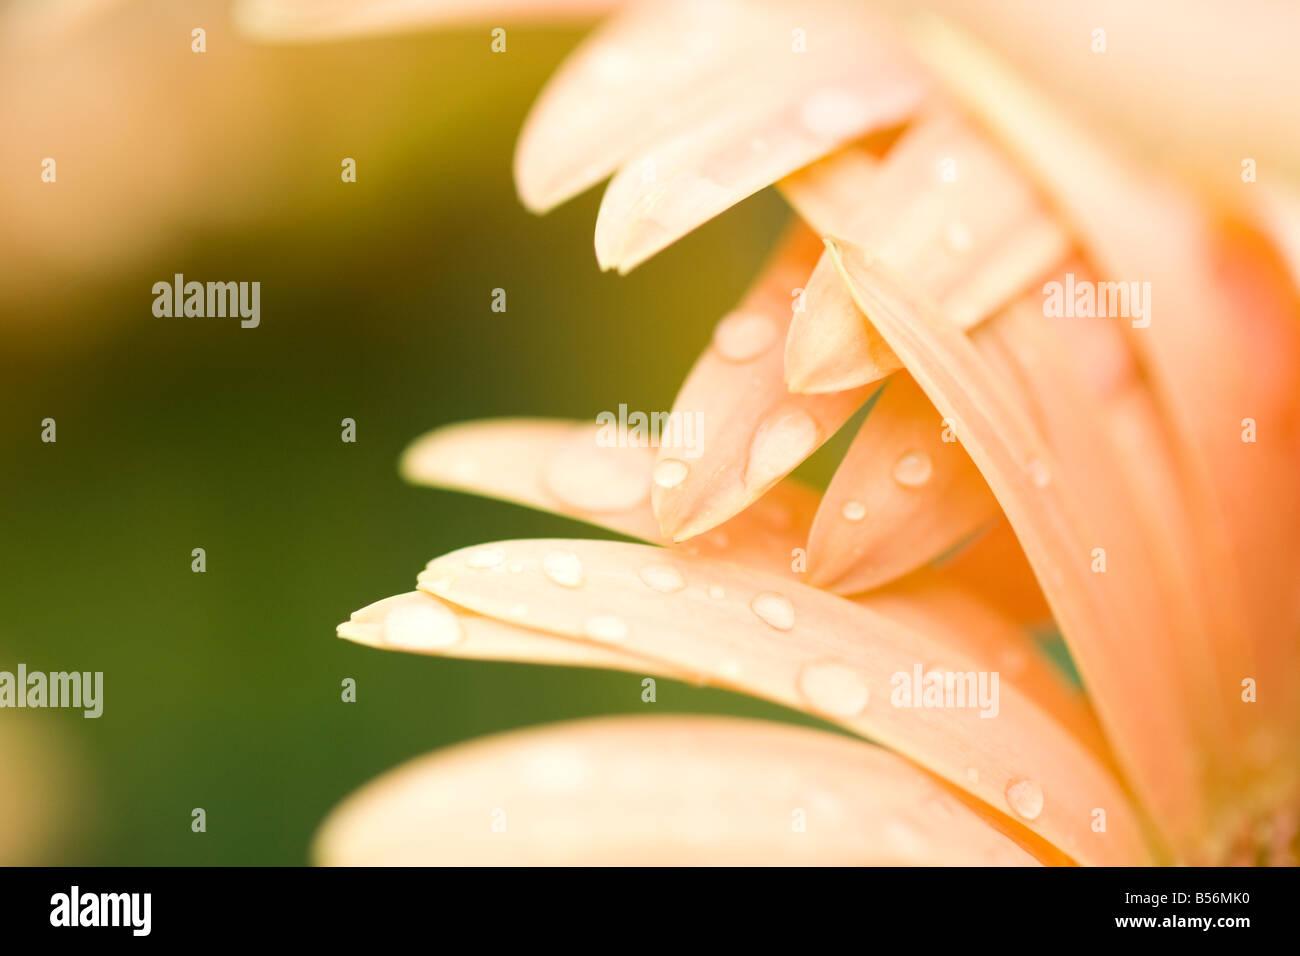 Chiudere su di un fiore Immagini Stock